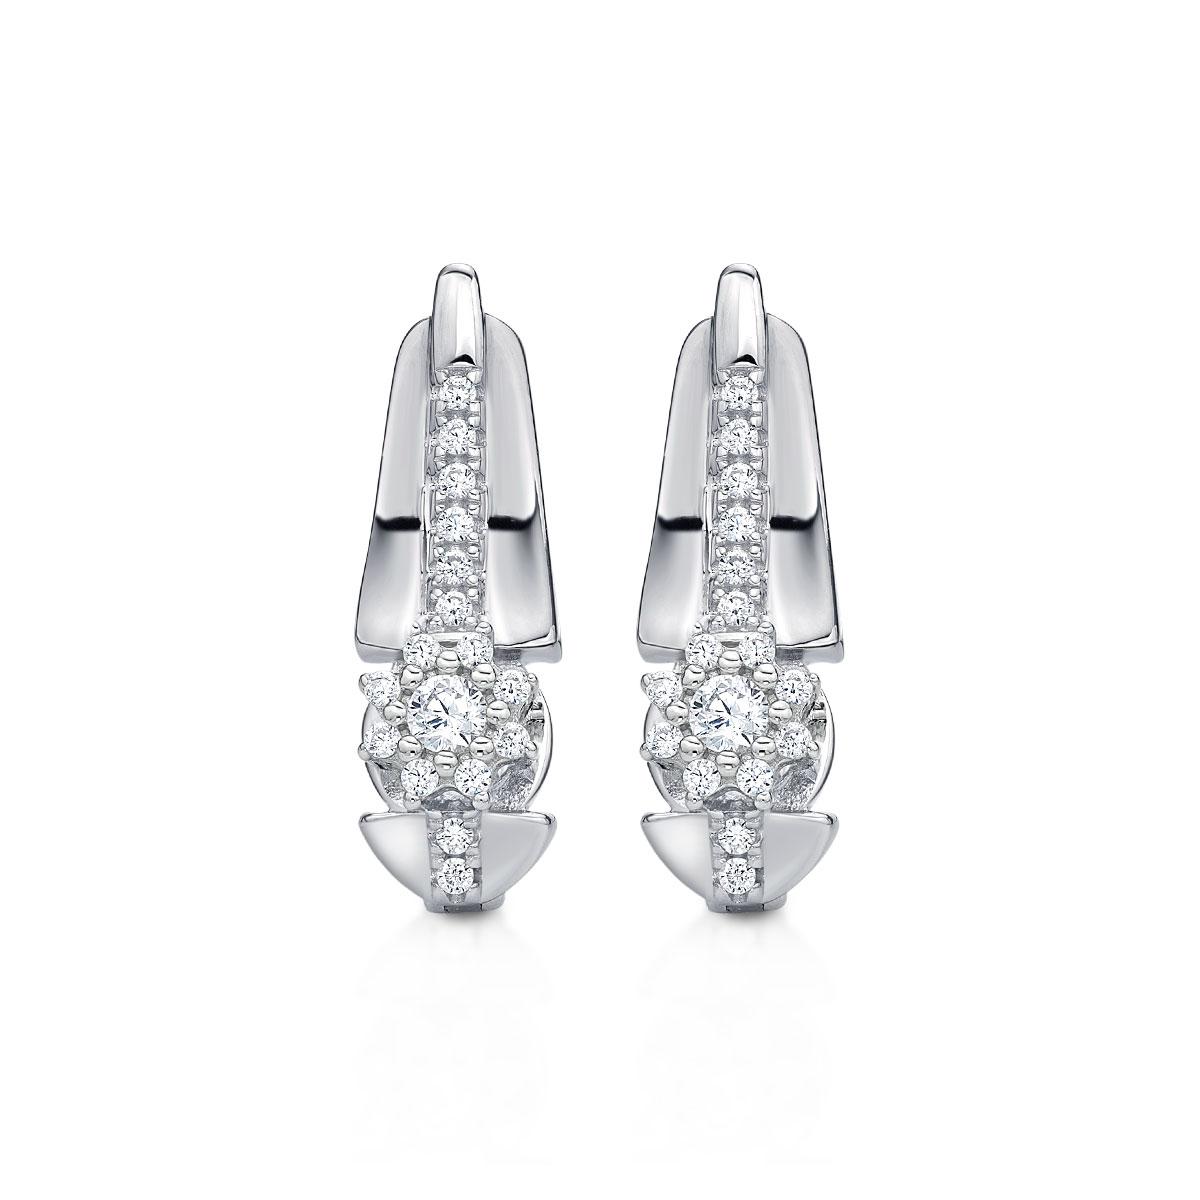 ED153 璀璨軌跡-經典高貴奢華耳環/一對販售